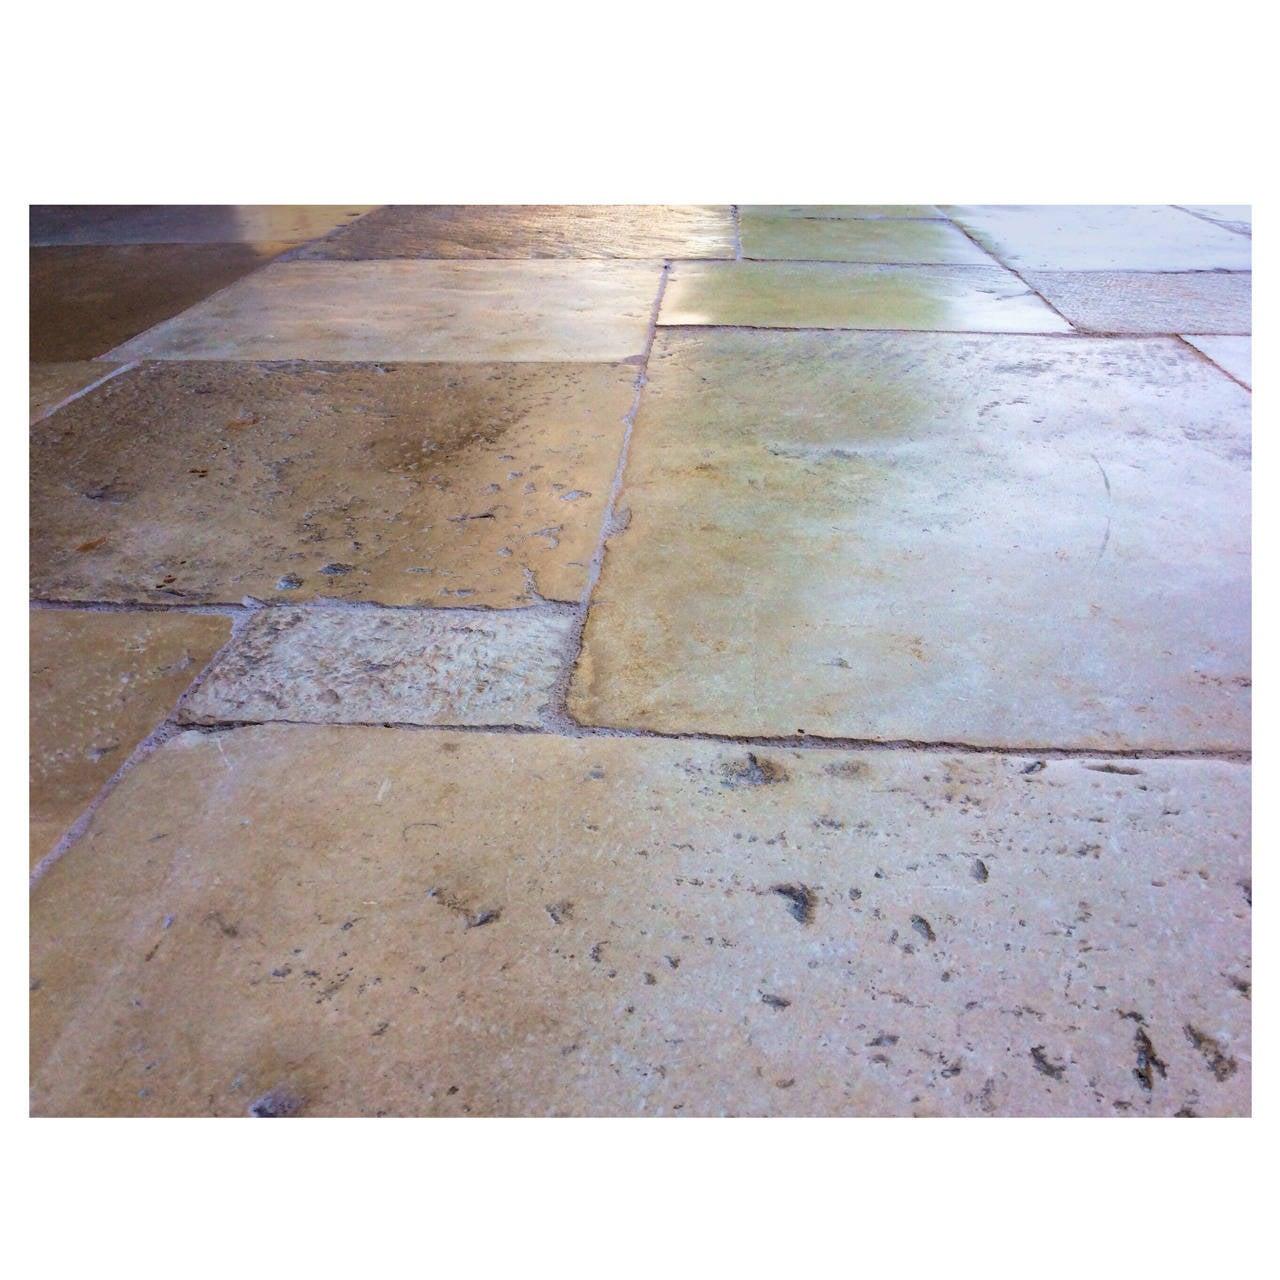 Antique french limestone floors dalle de bourgogne 17th - Dalle de bourgogne ...